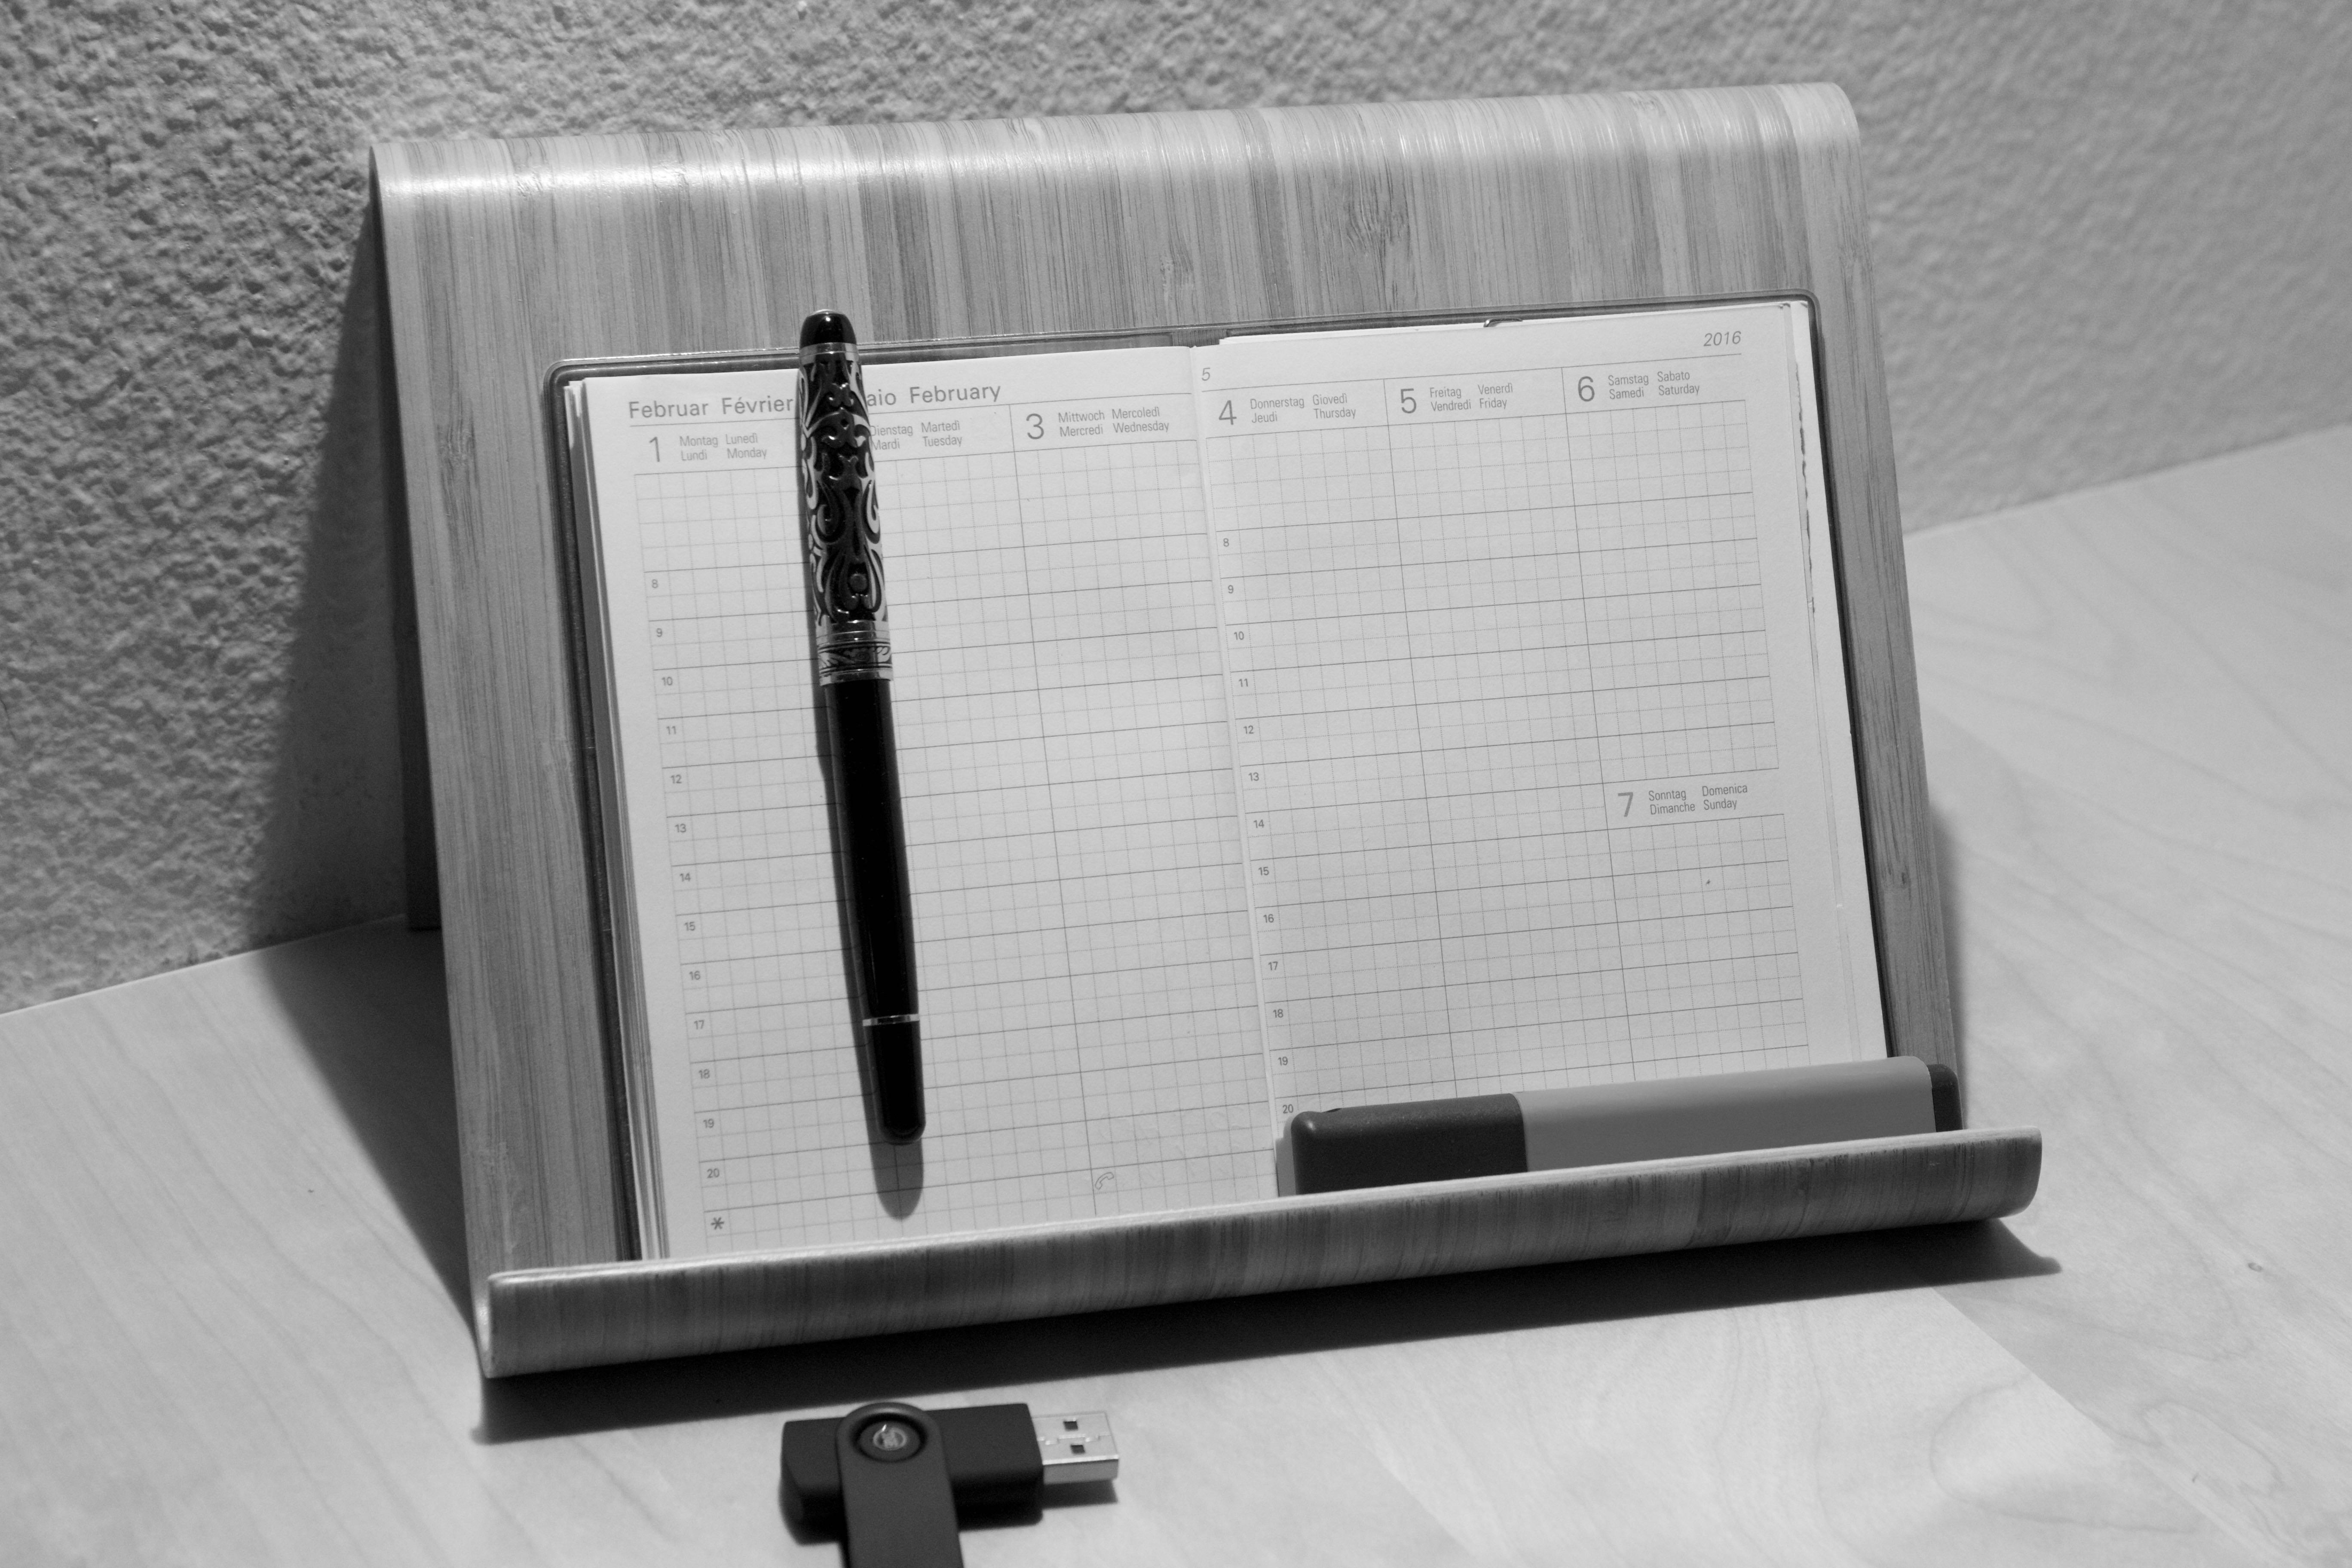 Möbel Marke kostenlose foto möbel marke produkt zeichnung marker kalender